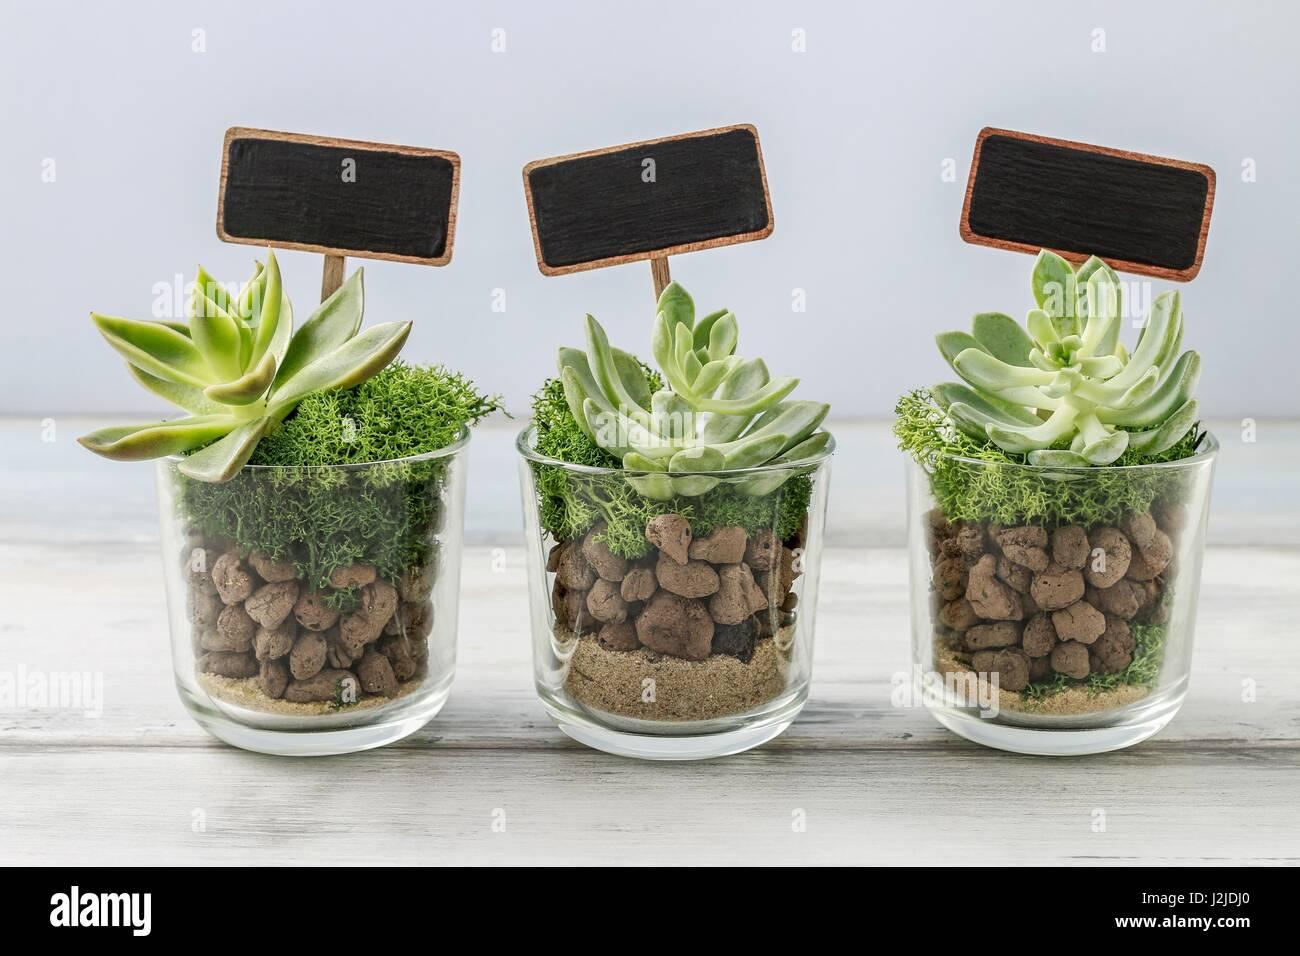 precioso regalos para los invitados a la boda con plantas suculentas en recipientes de vidrio. Black Bedroom Furniture Sets. Home Design Ideas